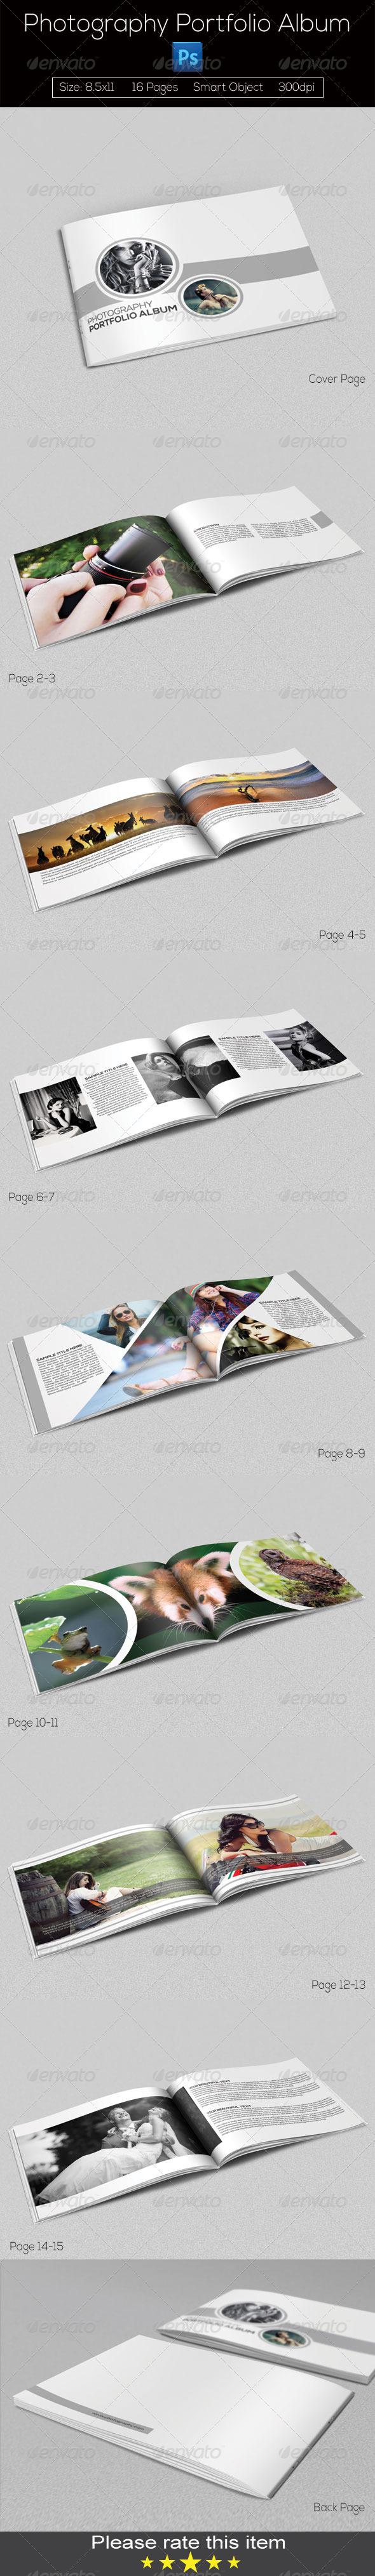 GraphicRiver Photography Portfolio Album 8247499